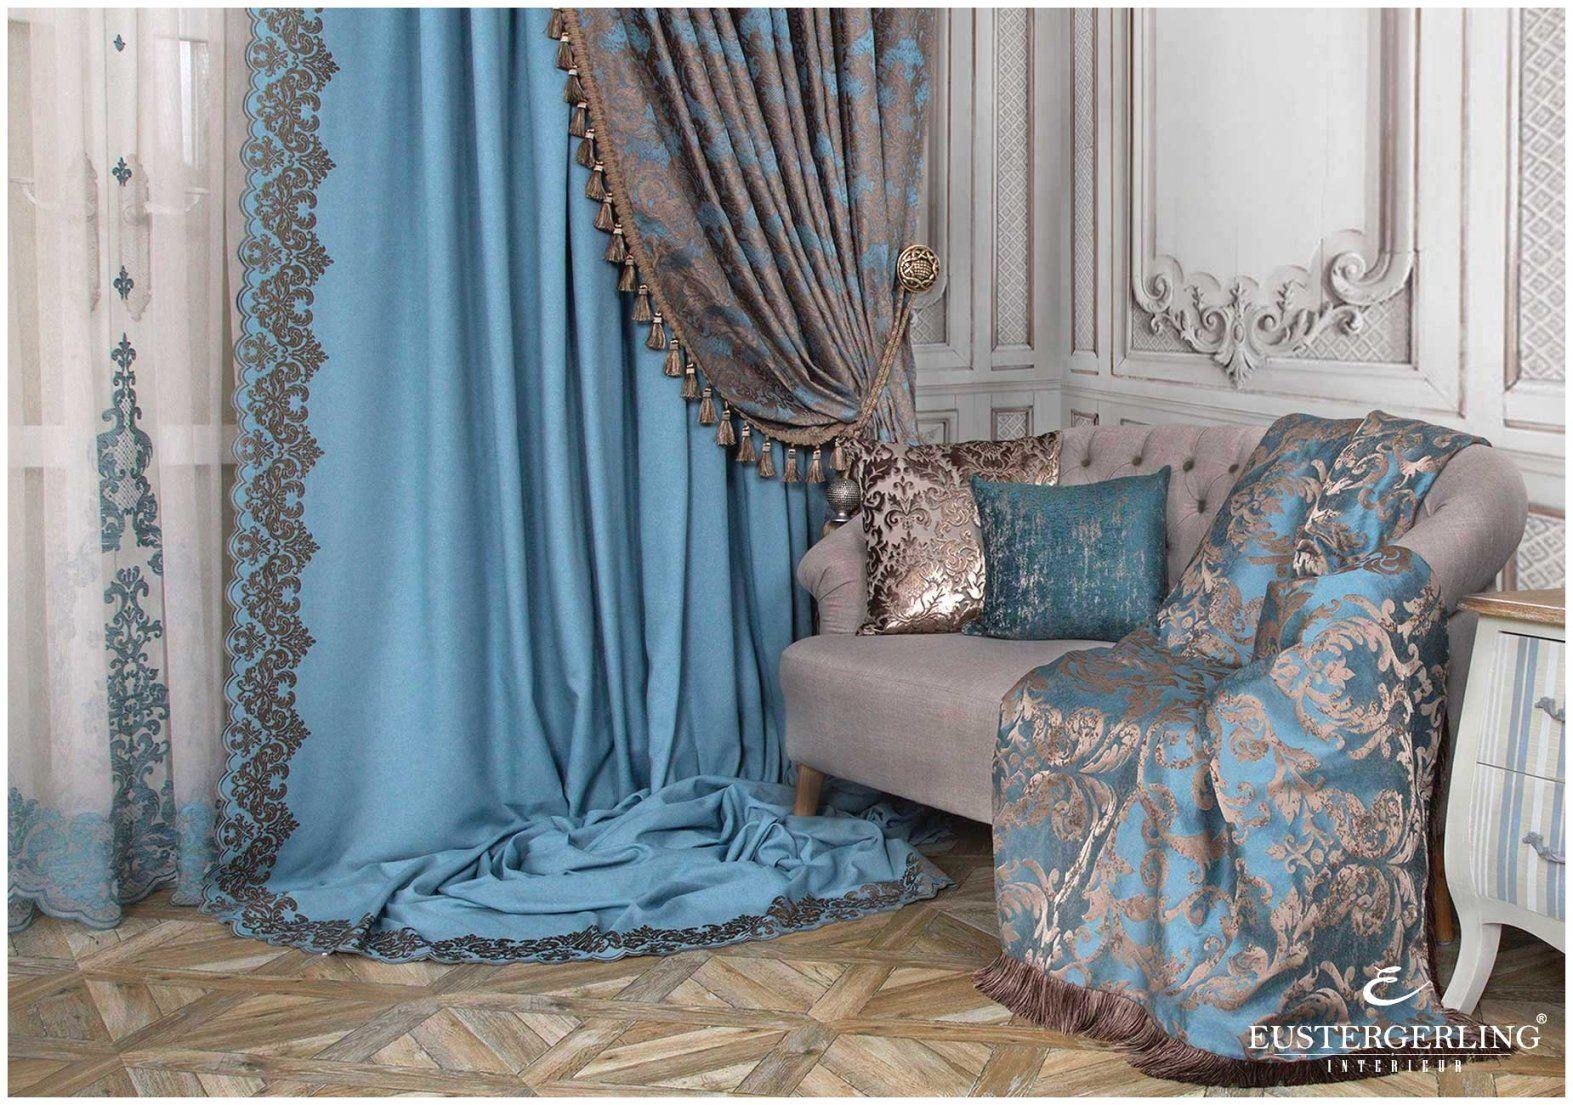 Neu Luxus Gardinen Stoffe Sammlung Von Gardinen Stil 503370 von Tüll Gardinen Meterware Photo